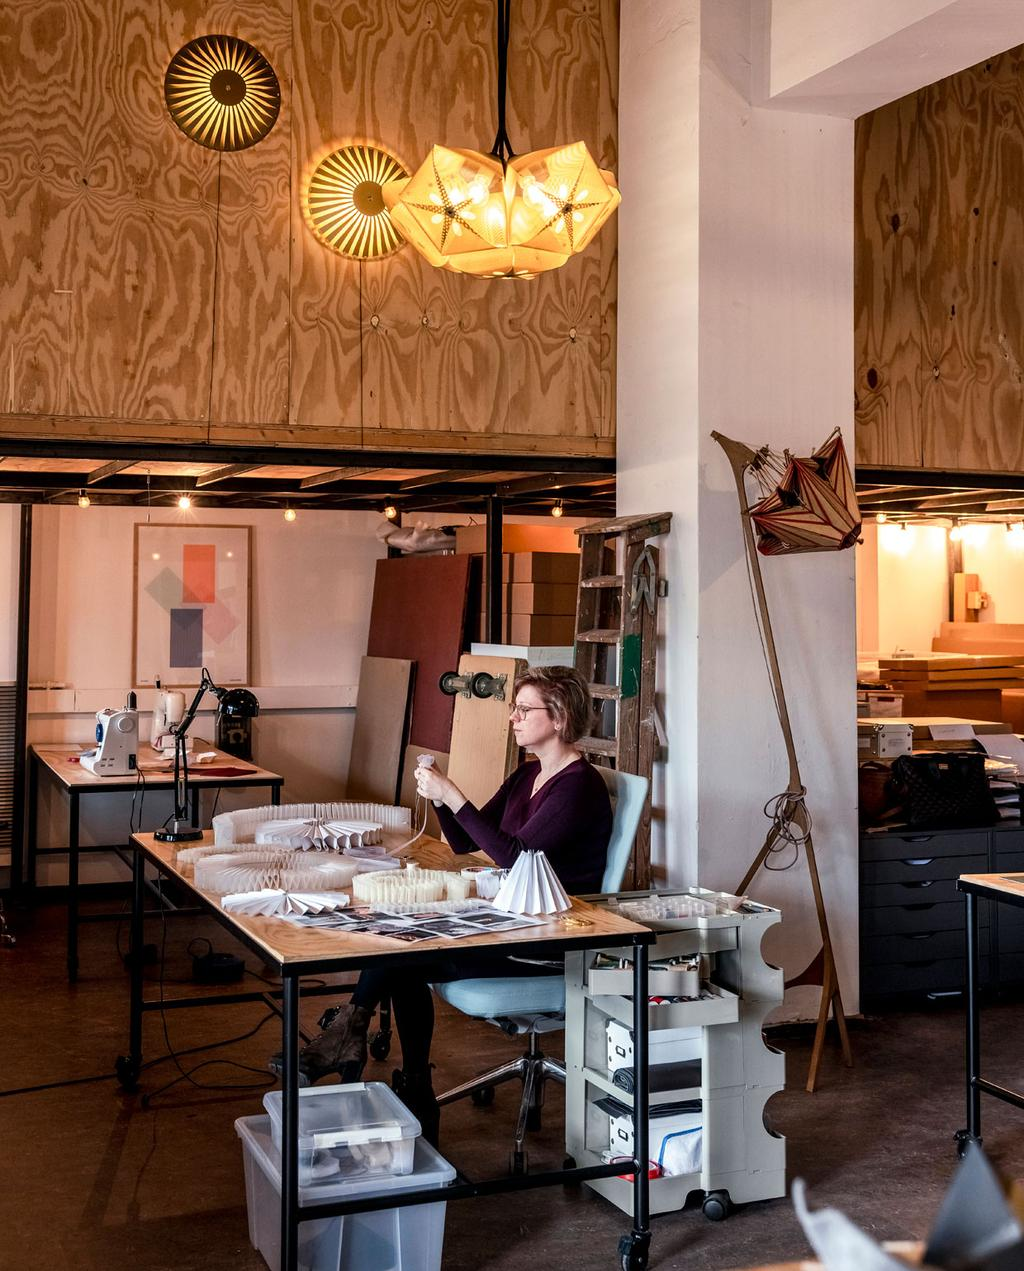 vtwonen 06-2021 | Susanne aan het werk op haar atelier met modieuze lampen